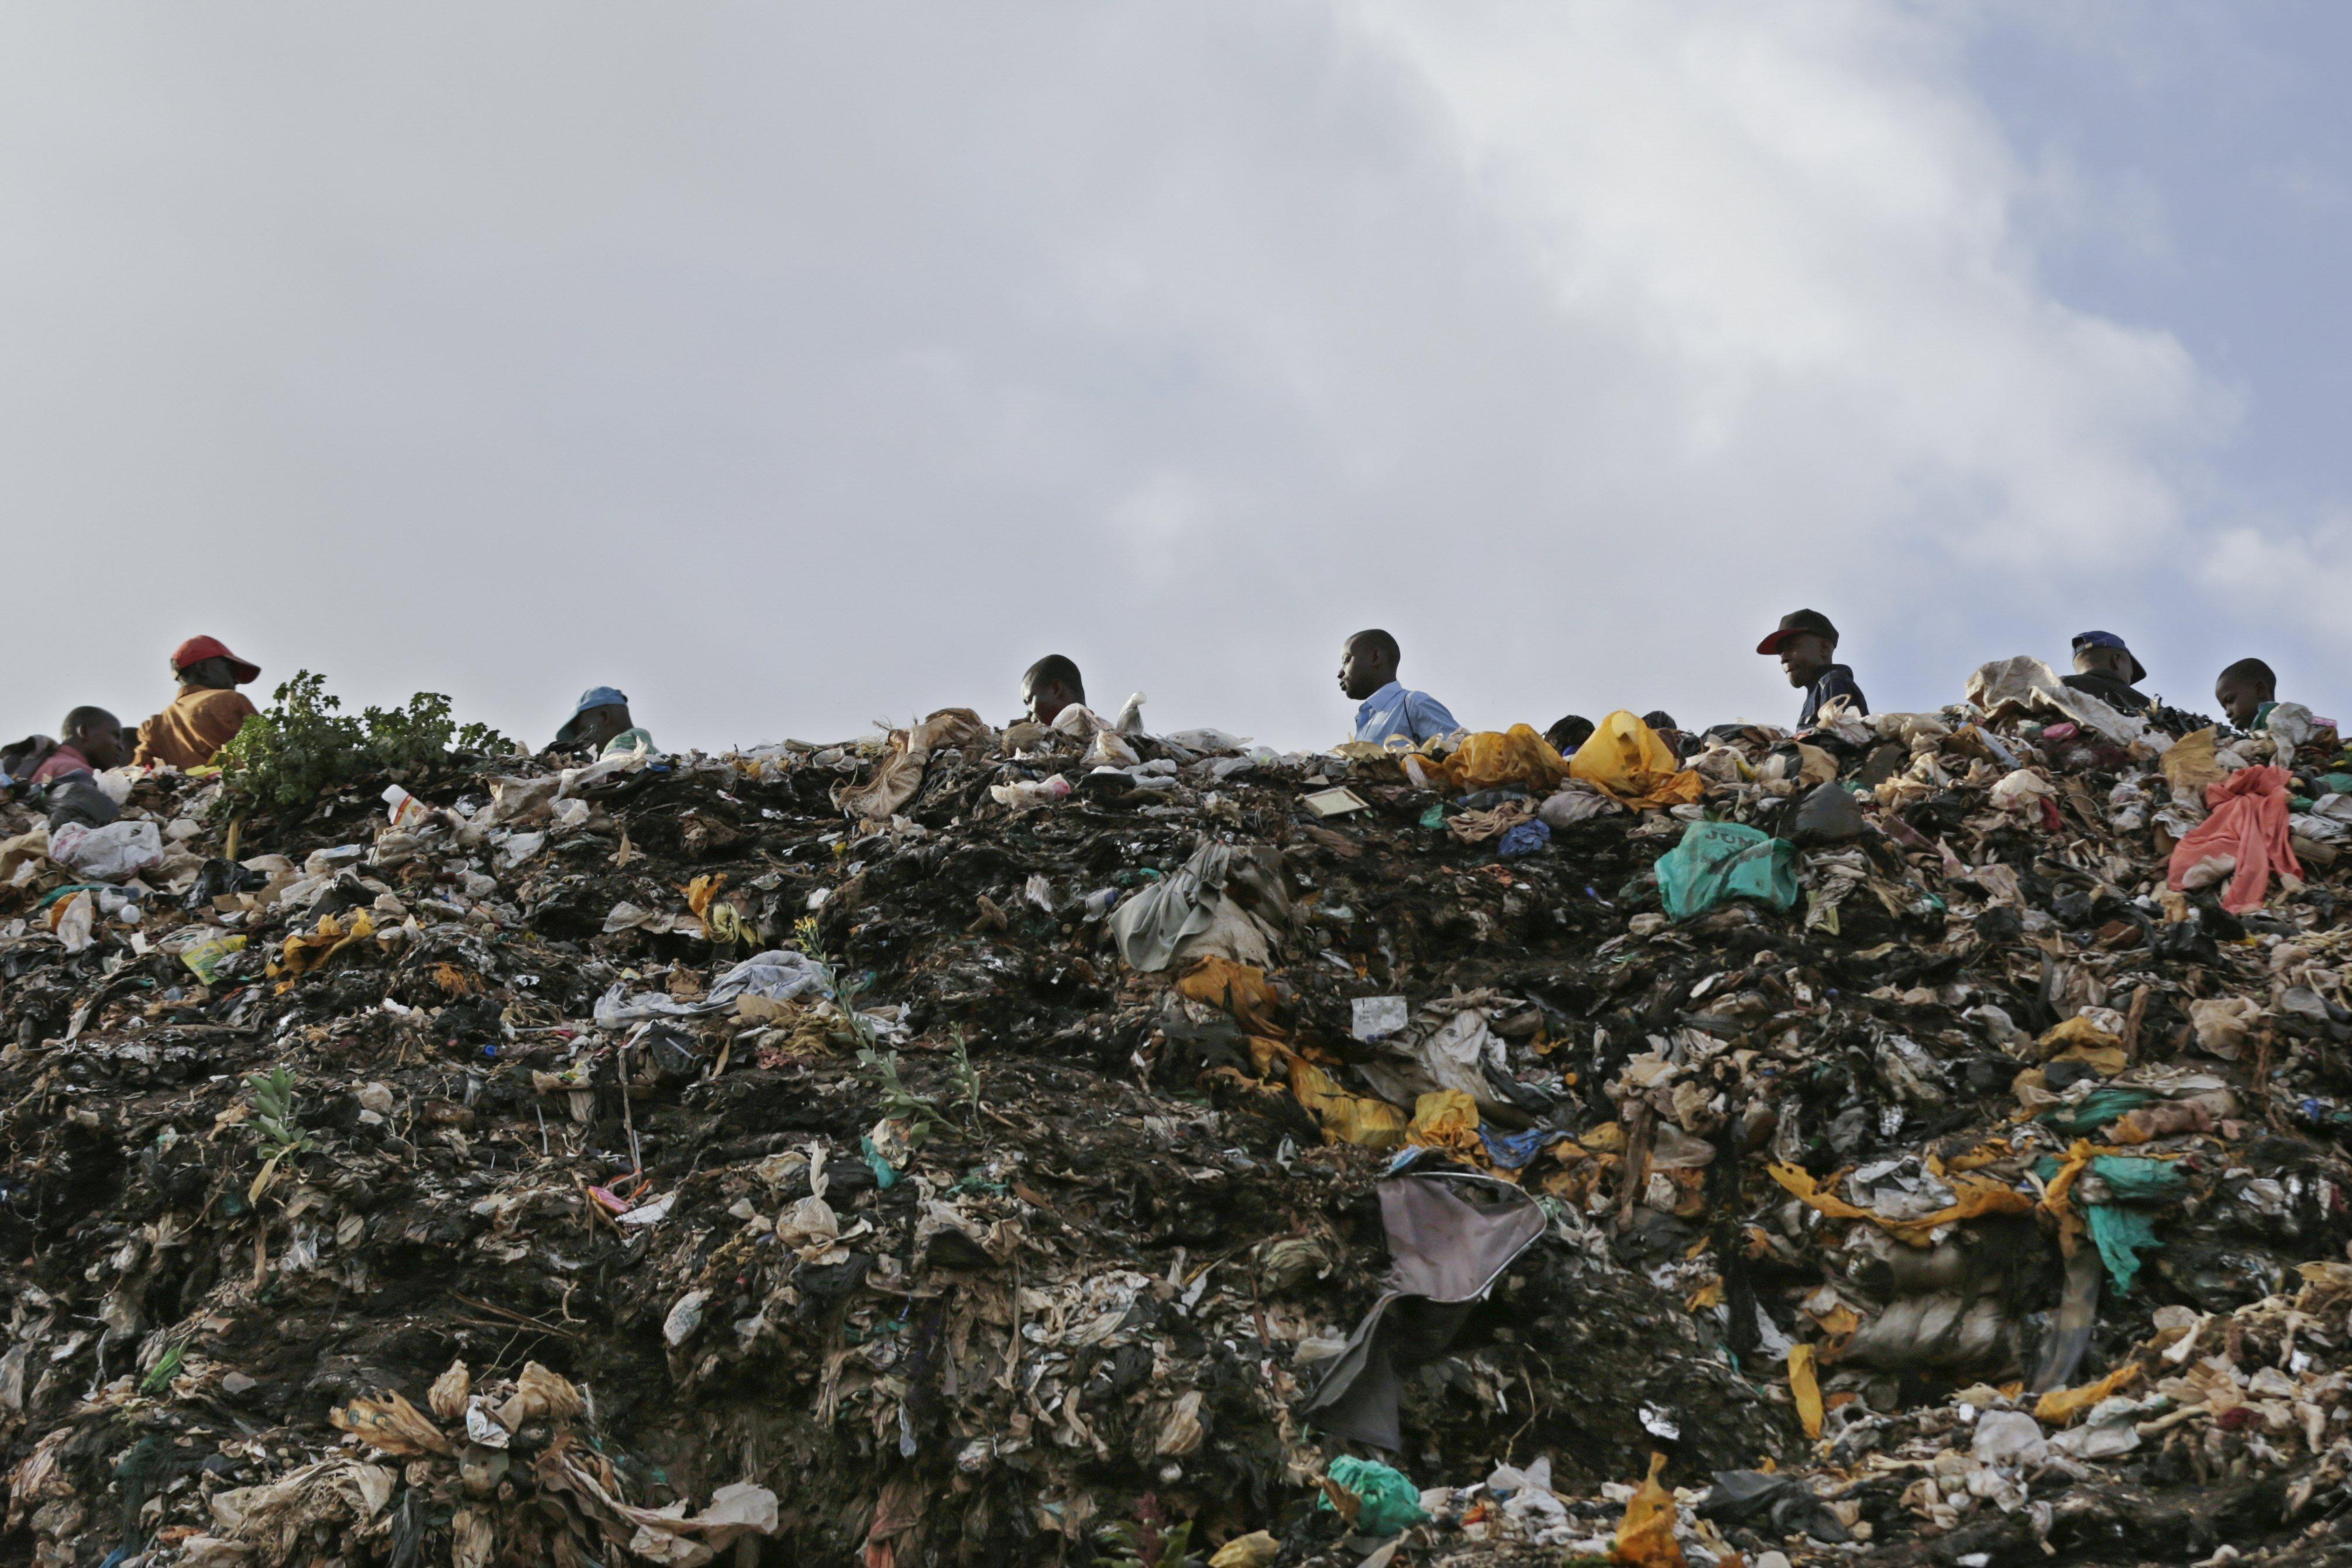 Diverses persones caminen al costat d'un munt d'escombraries al barri de Mathare a Nairobi. Avui entra en vigor la prohibició de les bosses de plàstic (Kenya). /DAI KUROKAWA